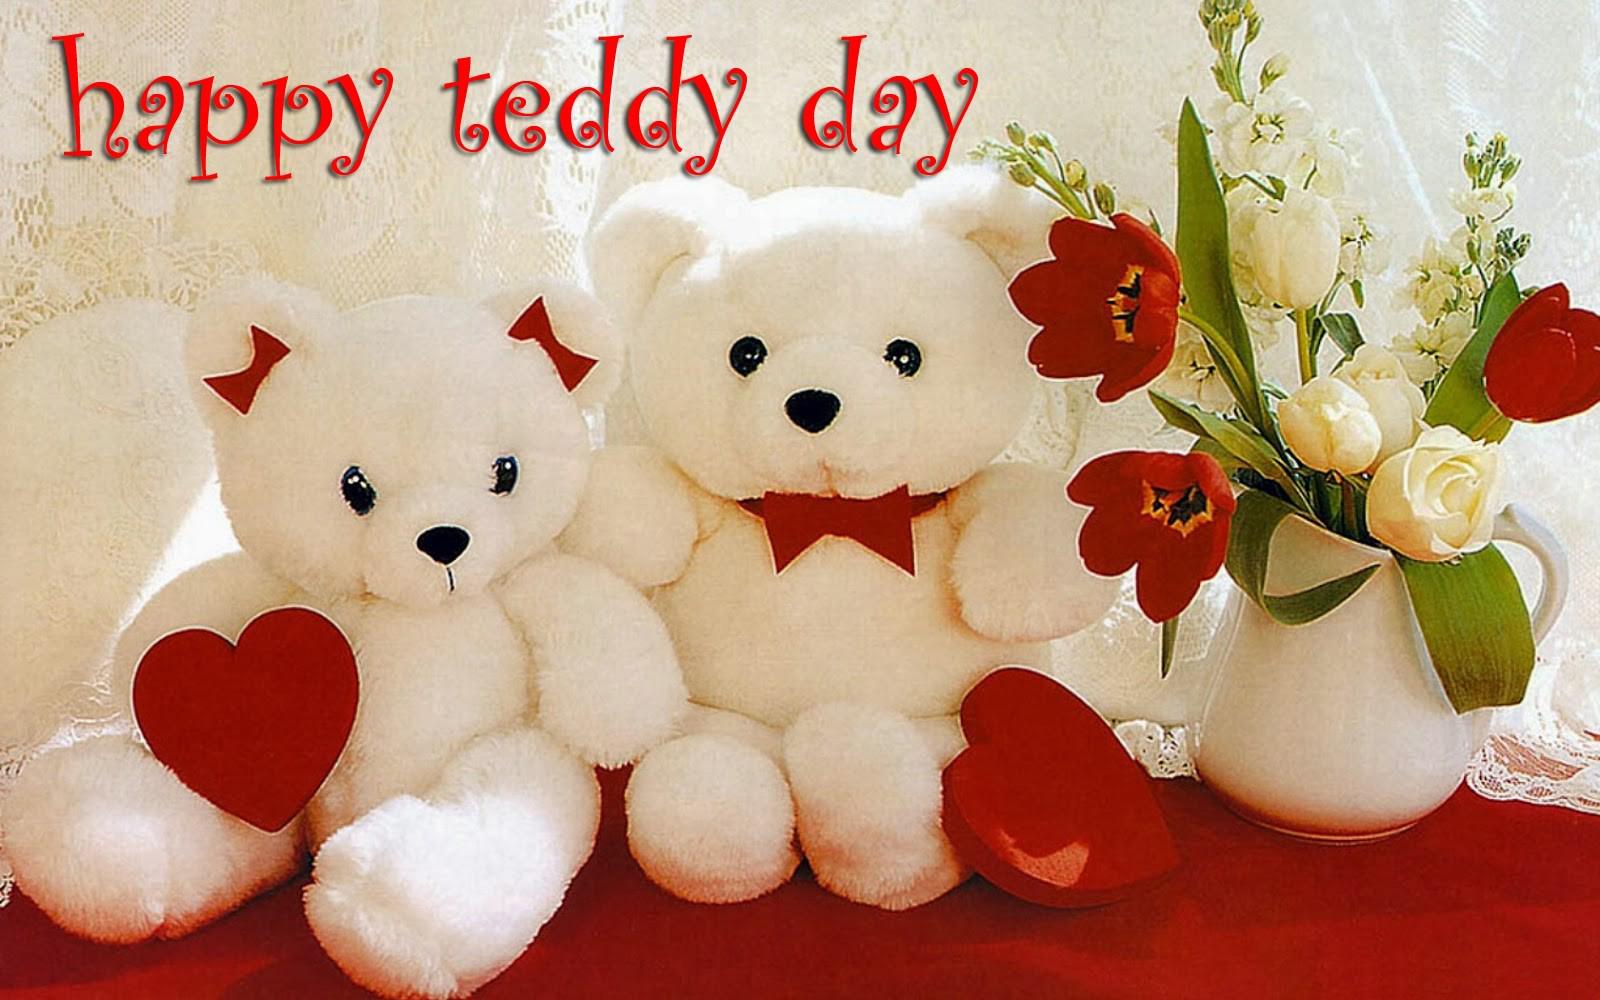 Teddy Day HD Image